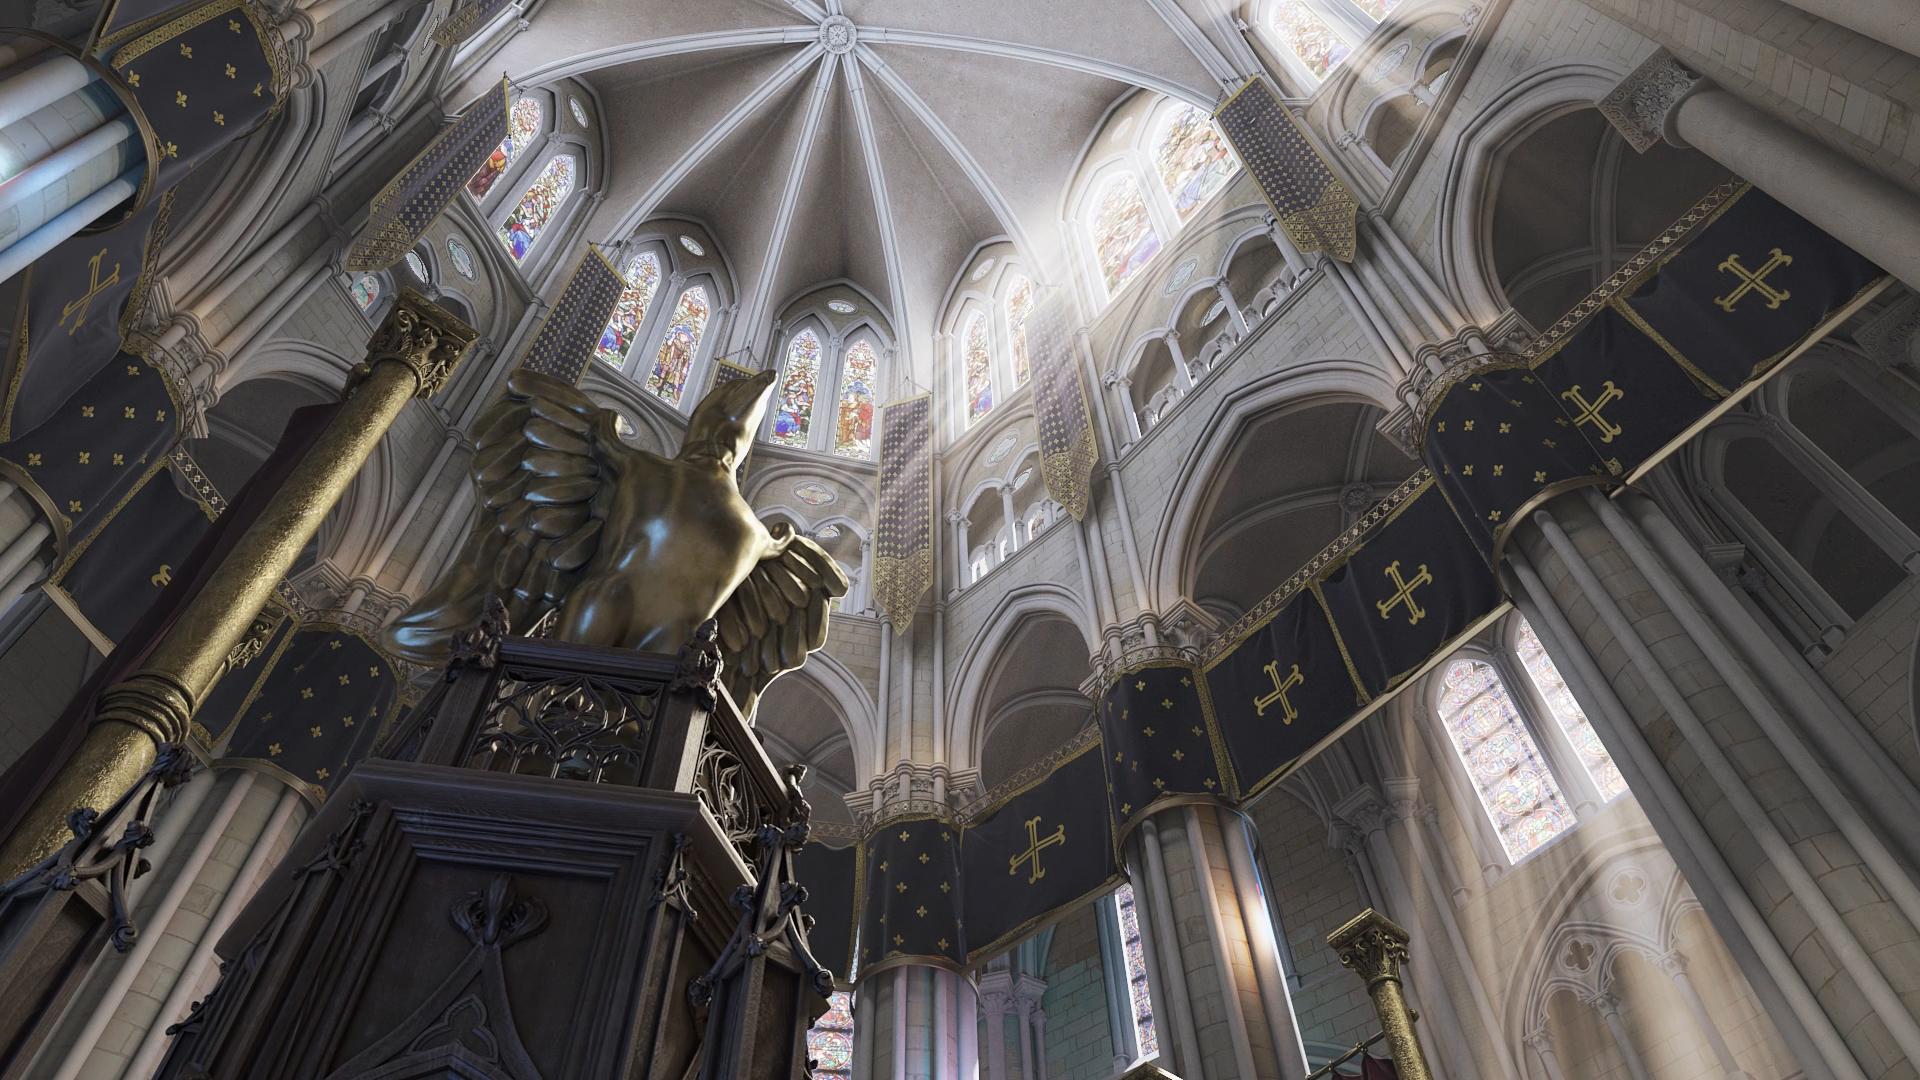 Modélisation cathédrale en 3D - Agence patrimoine numérique à Tours